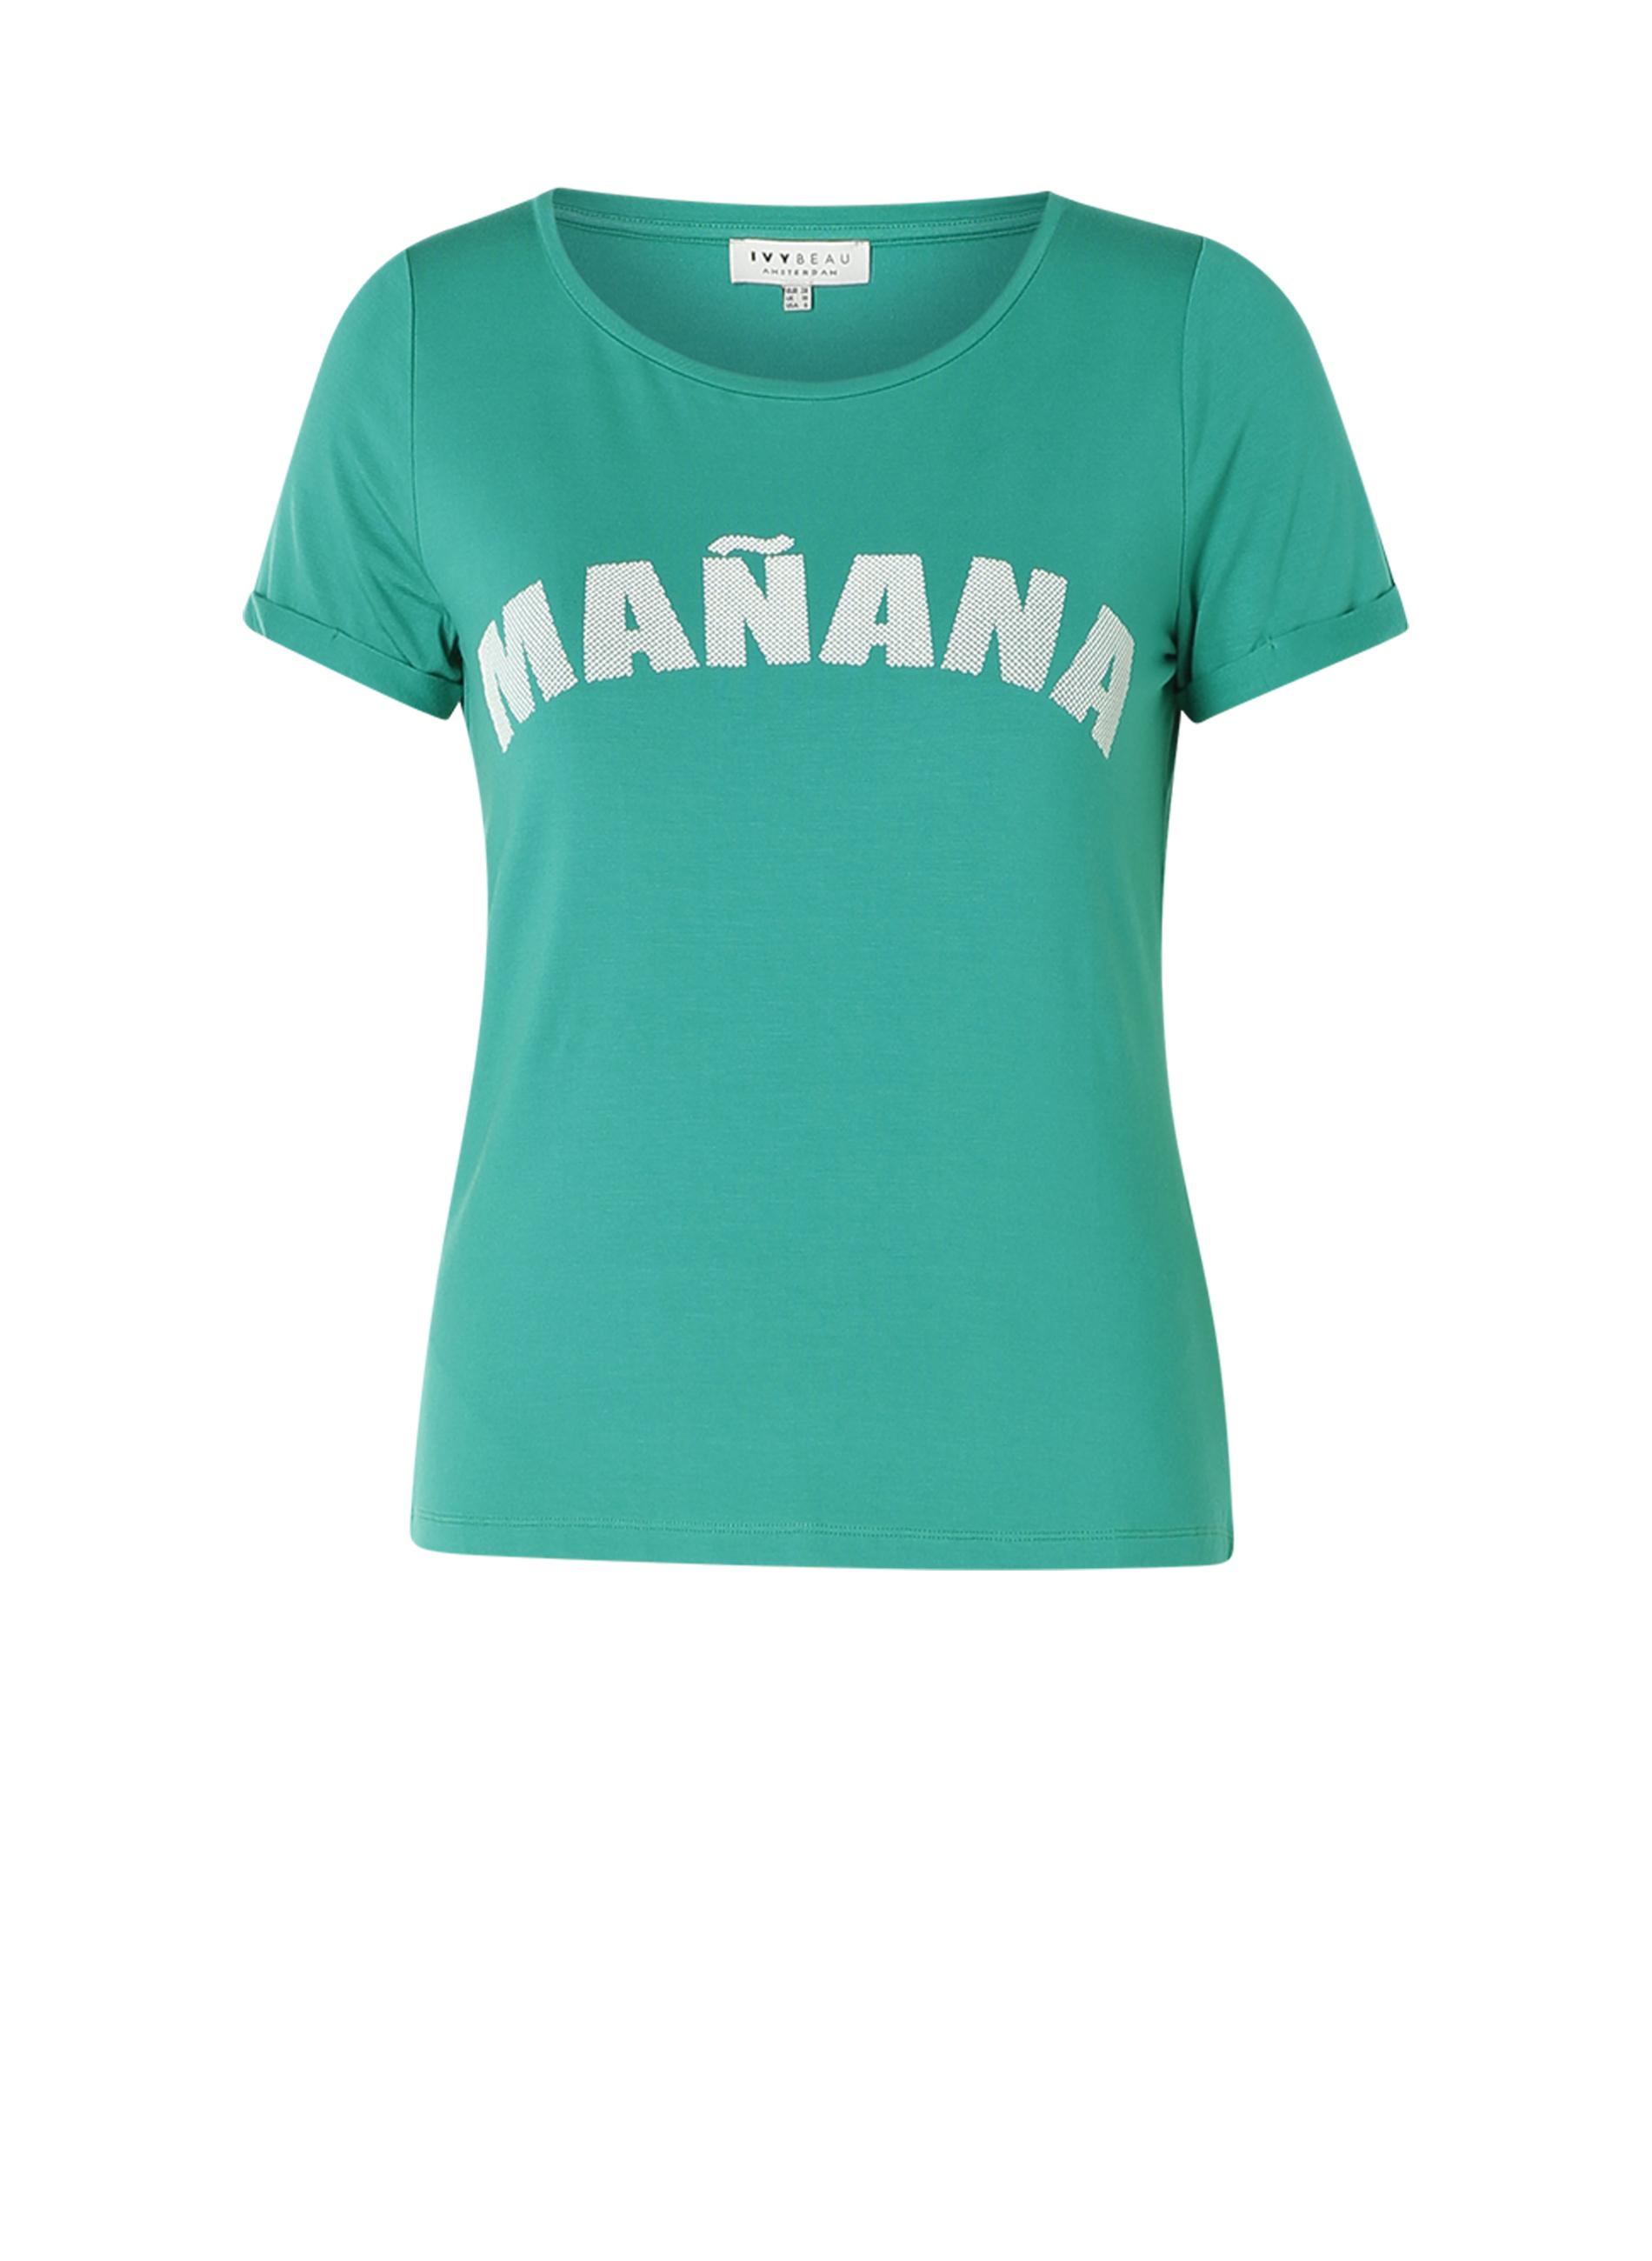 Shirt Franca IVY BELLA